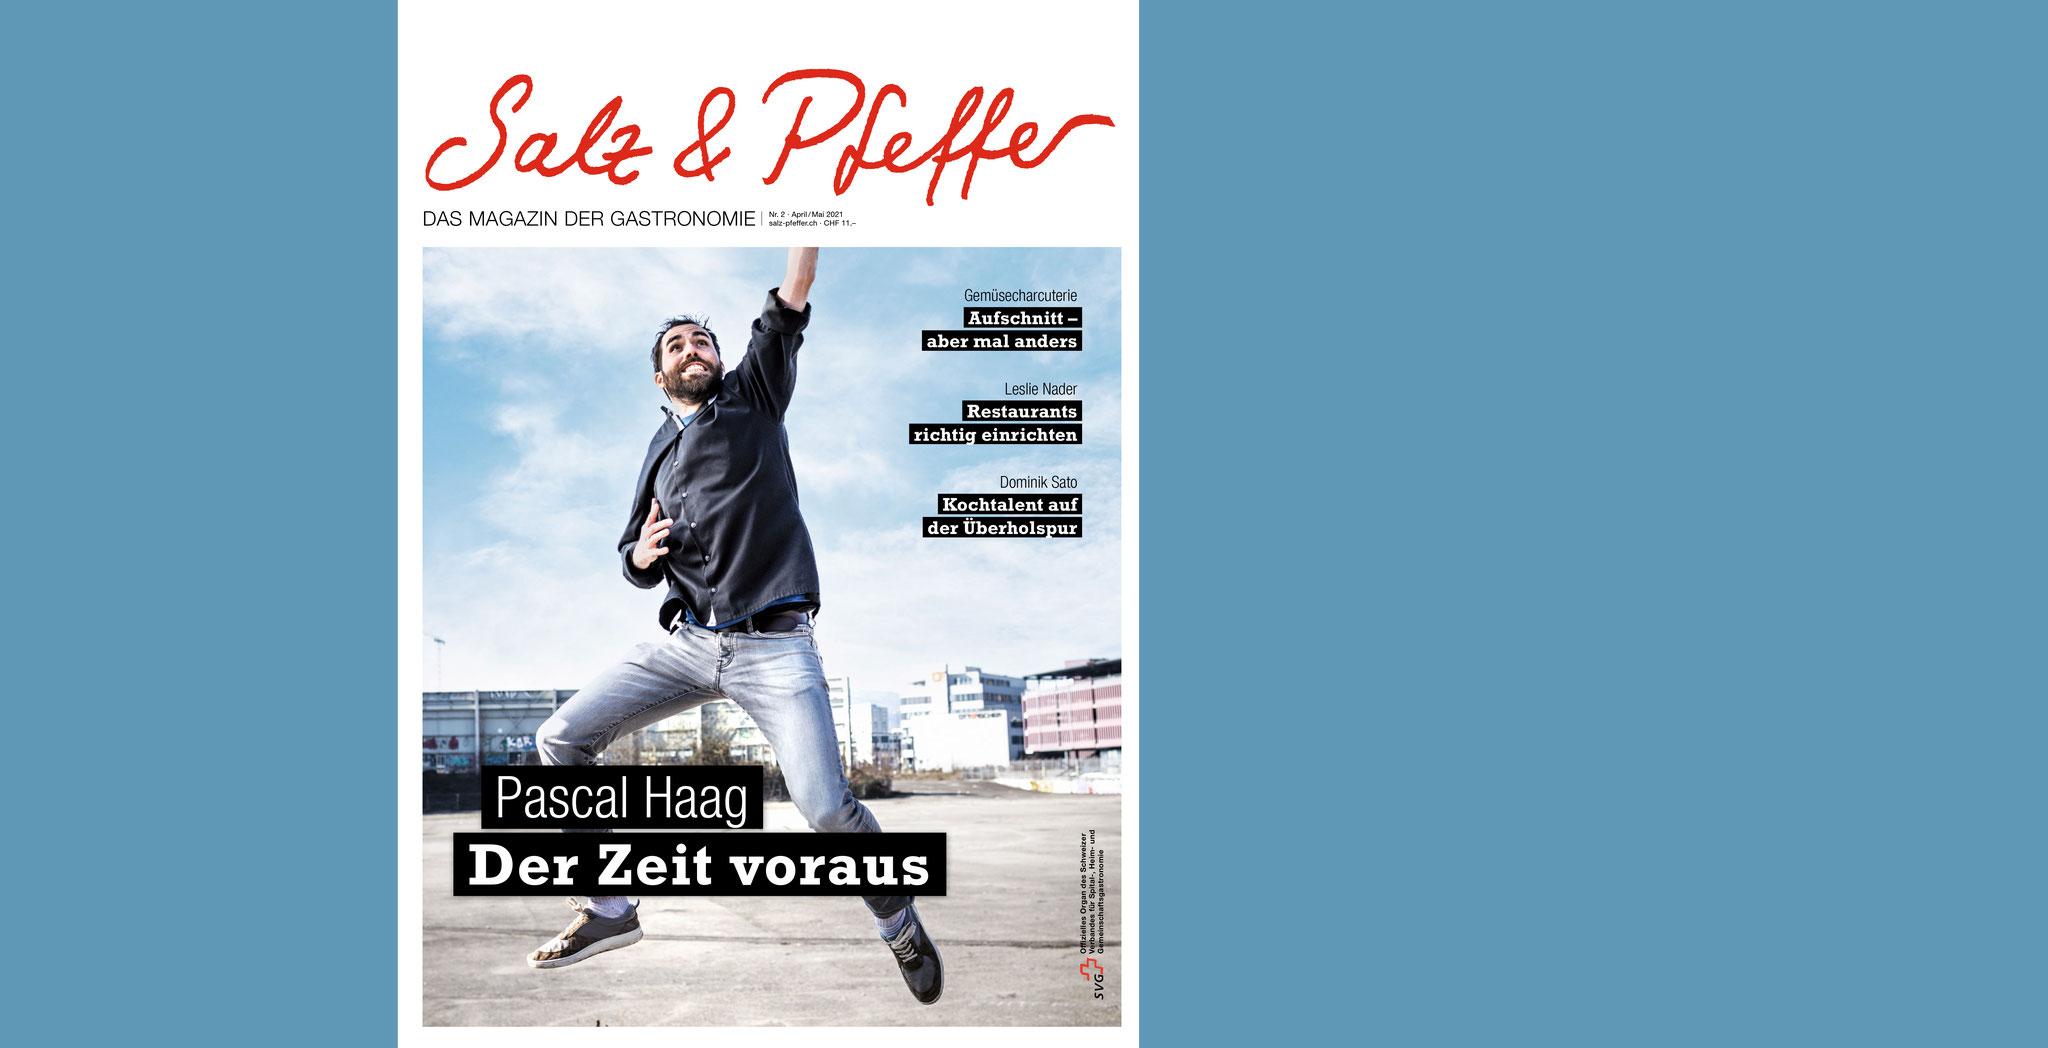 Im Salz & Pfeffer Magazin sprach ich über meine Arbeit als Vegi-Koch, Gastroberater und Rezeptentwickler und über alles was mich bei meiner Arbeit bewegt.